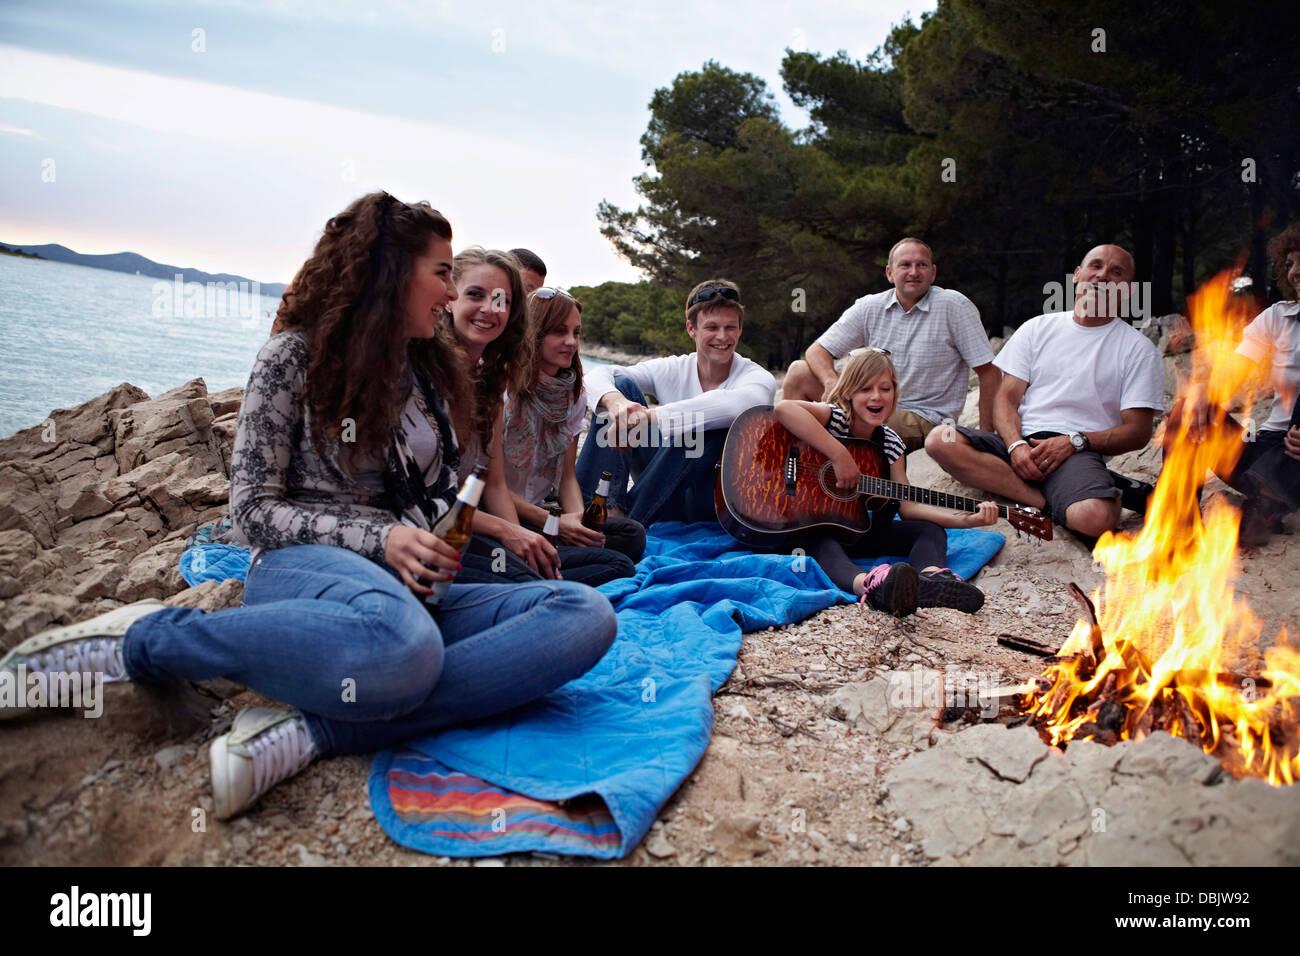 La Croatie, Groupe de personnes assises autour de feu de camp Banque D'Images